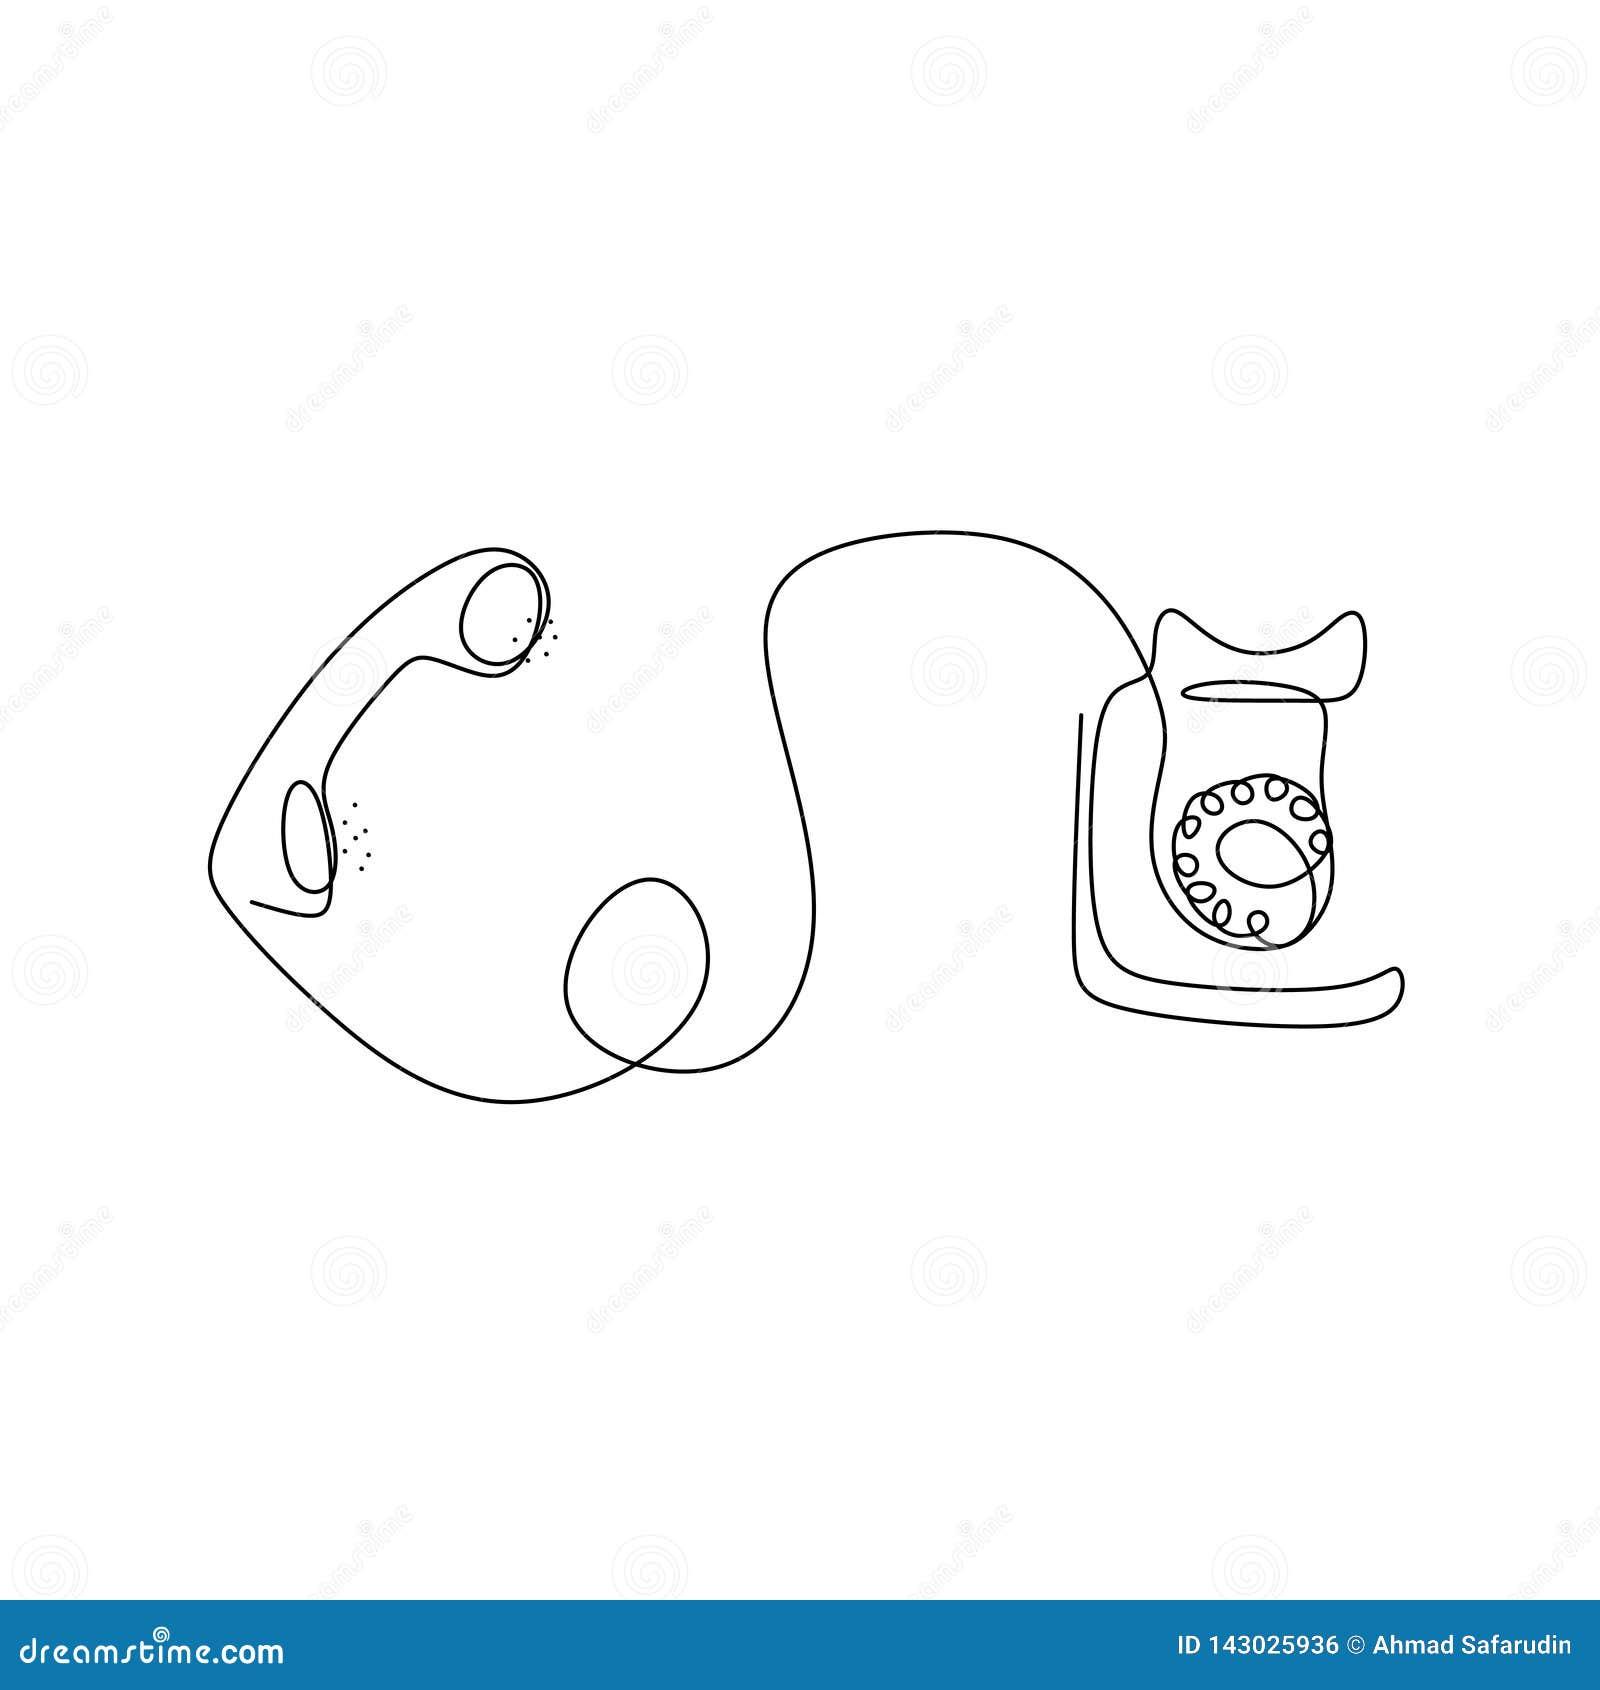 Disegno a tratteggio continuo del telefono d annata classico